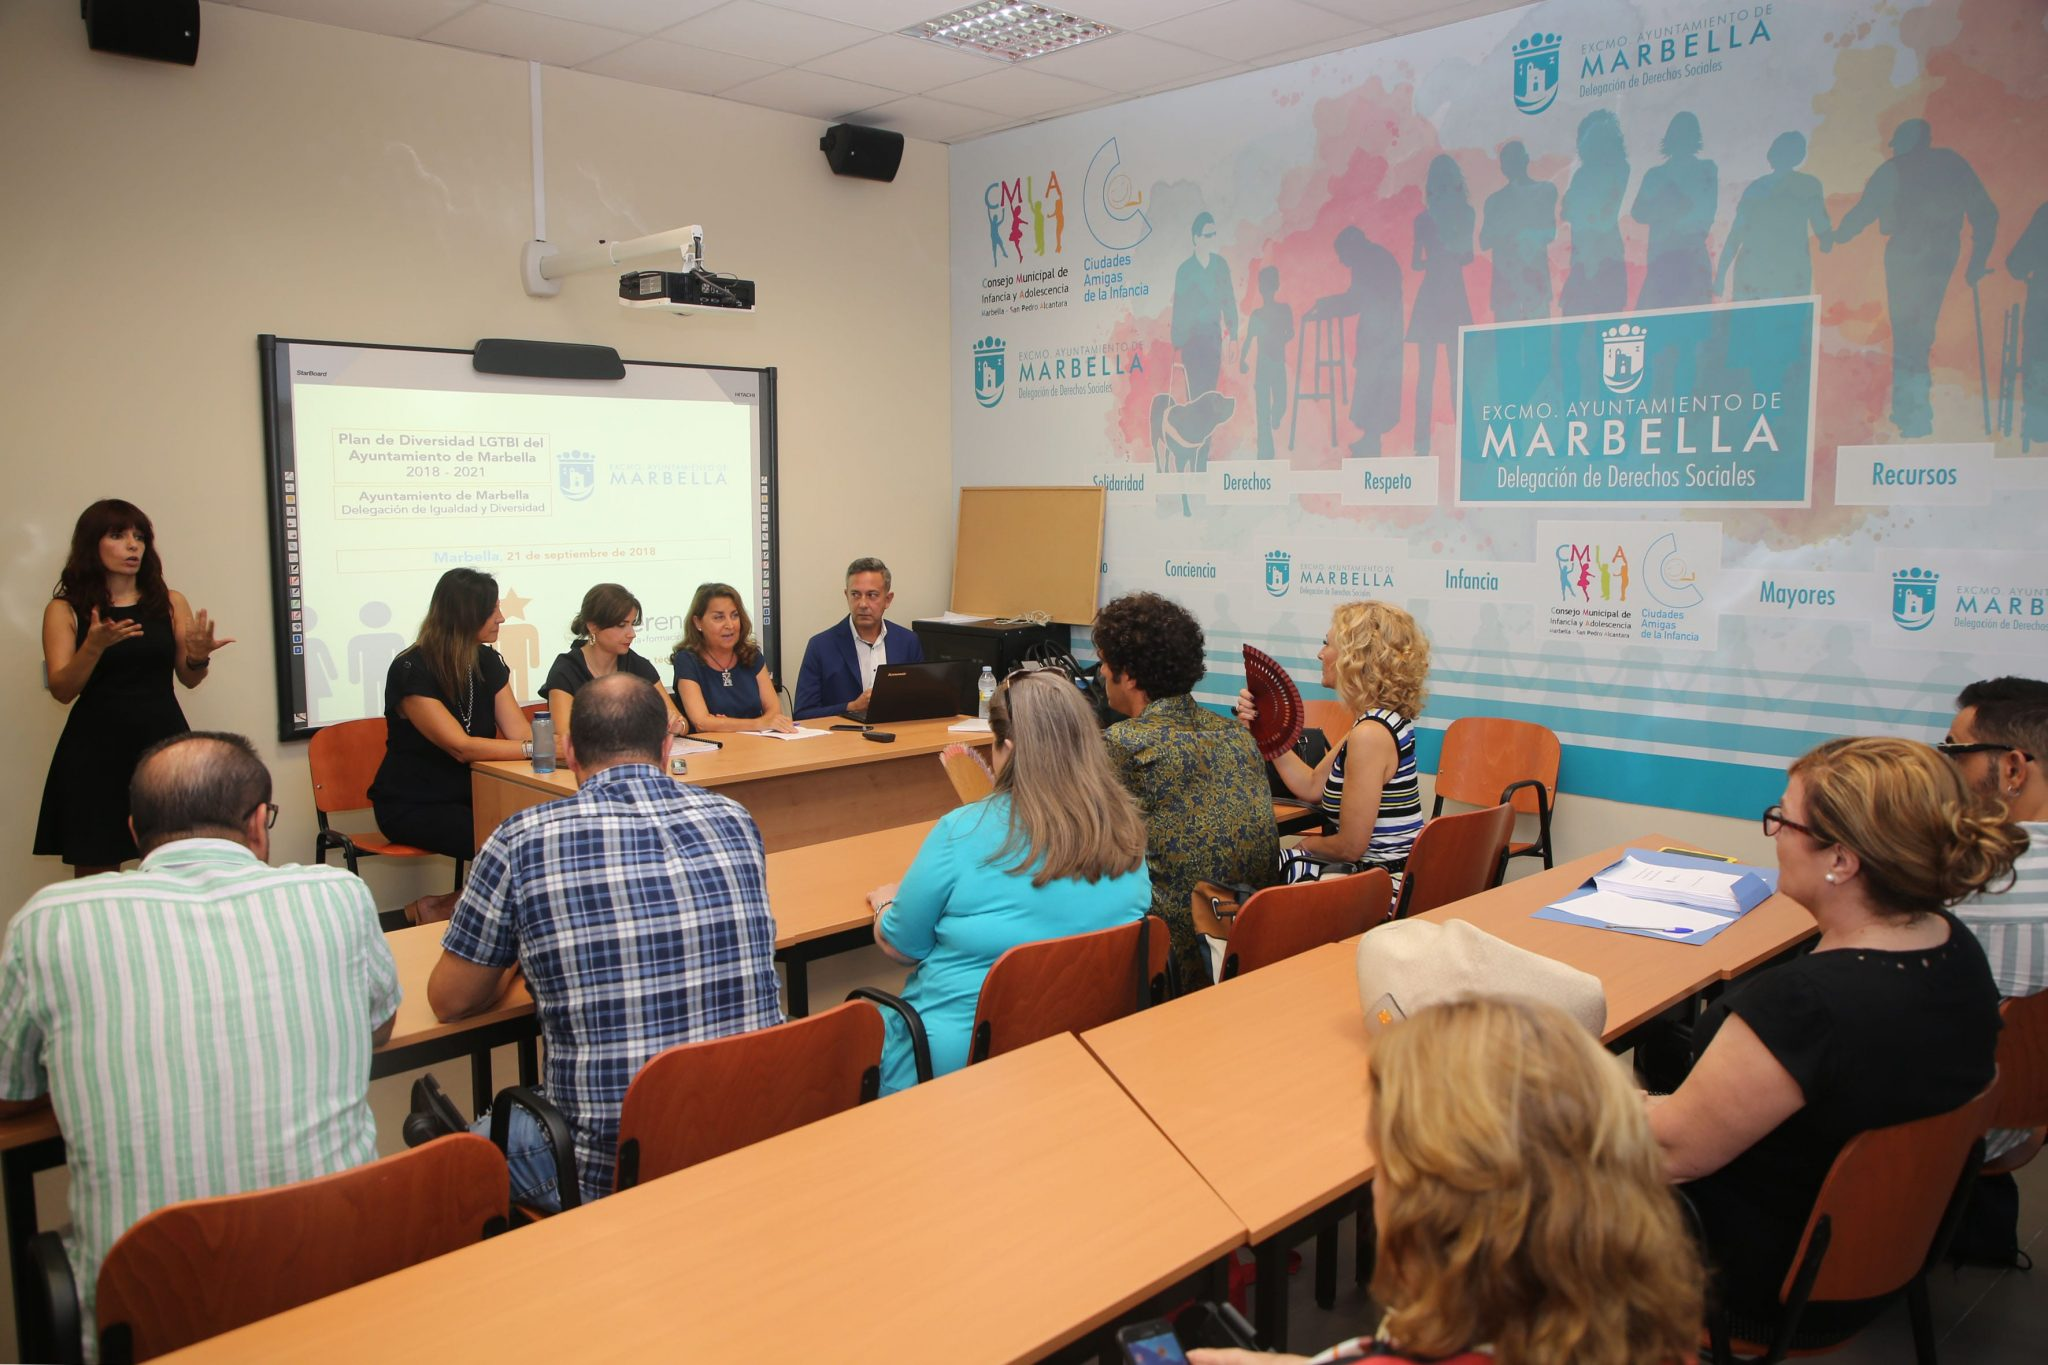 Marbella, primer municipio del país con un Plan definitivo de Diversidad de Recursos Humanos LGTBI